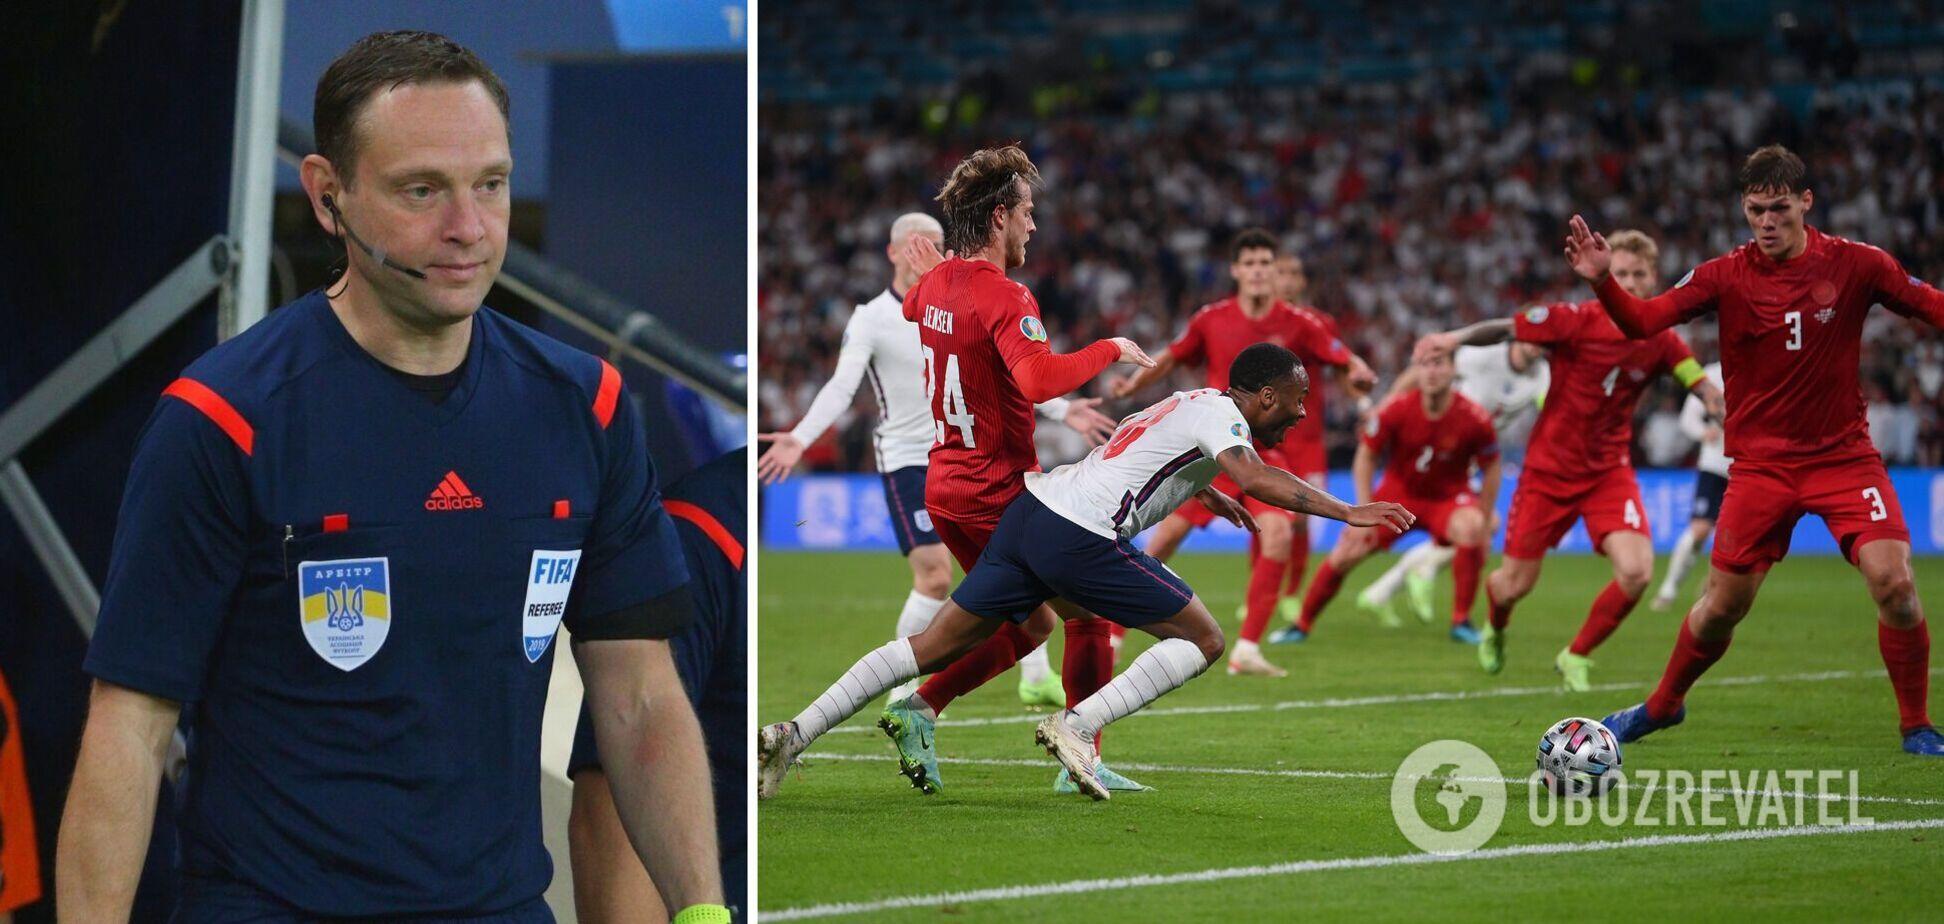 Евгений Арановский оценил пенальти в матче Англия Дания